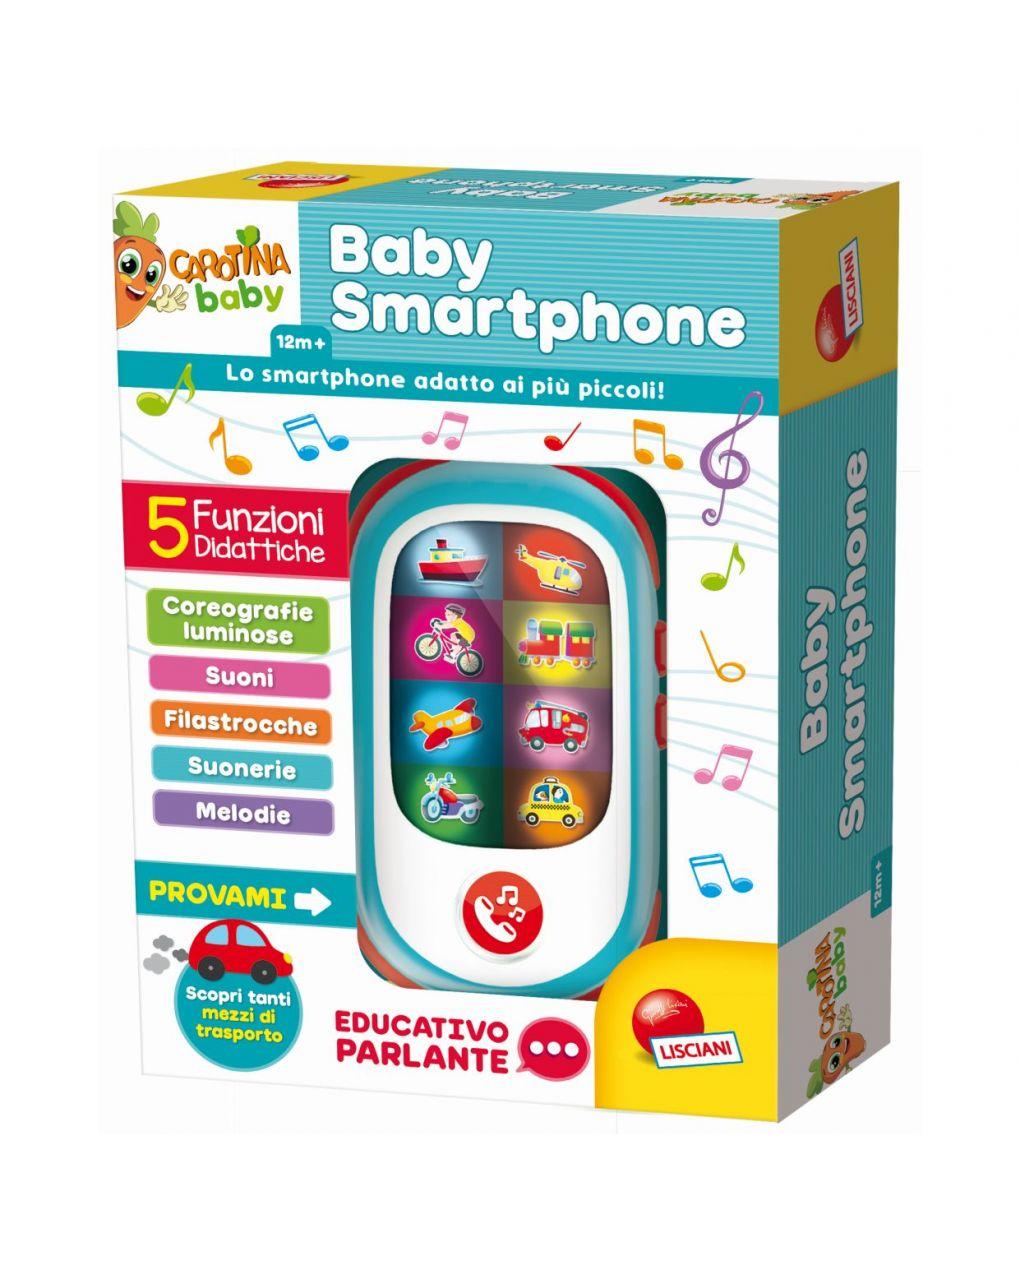 Lisciani - carotina baby smartphone - Carotina